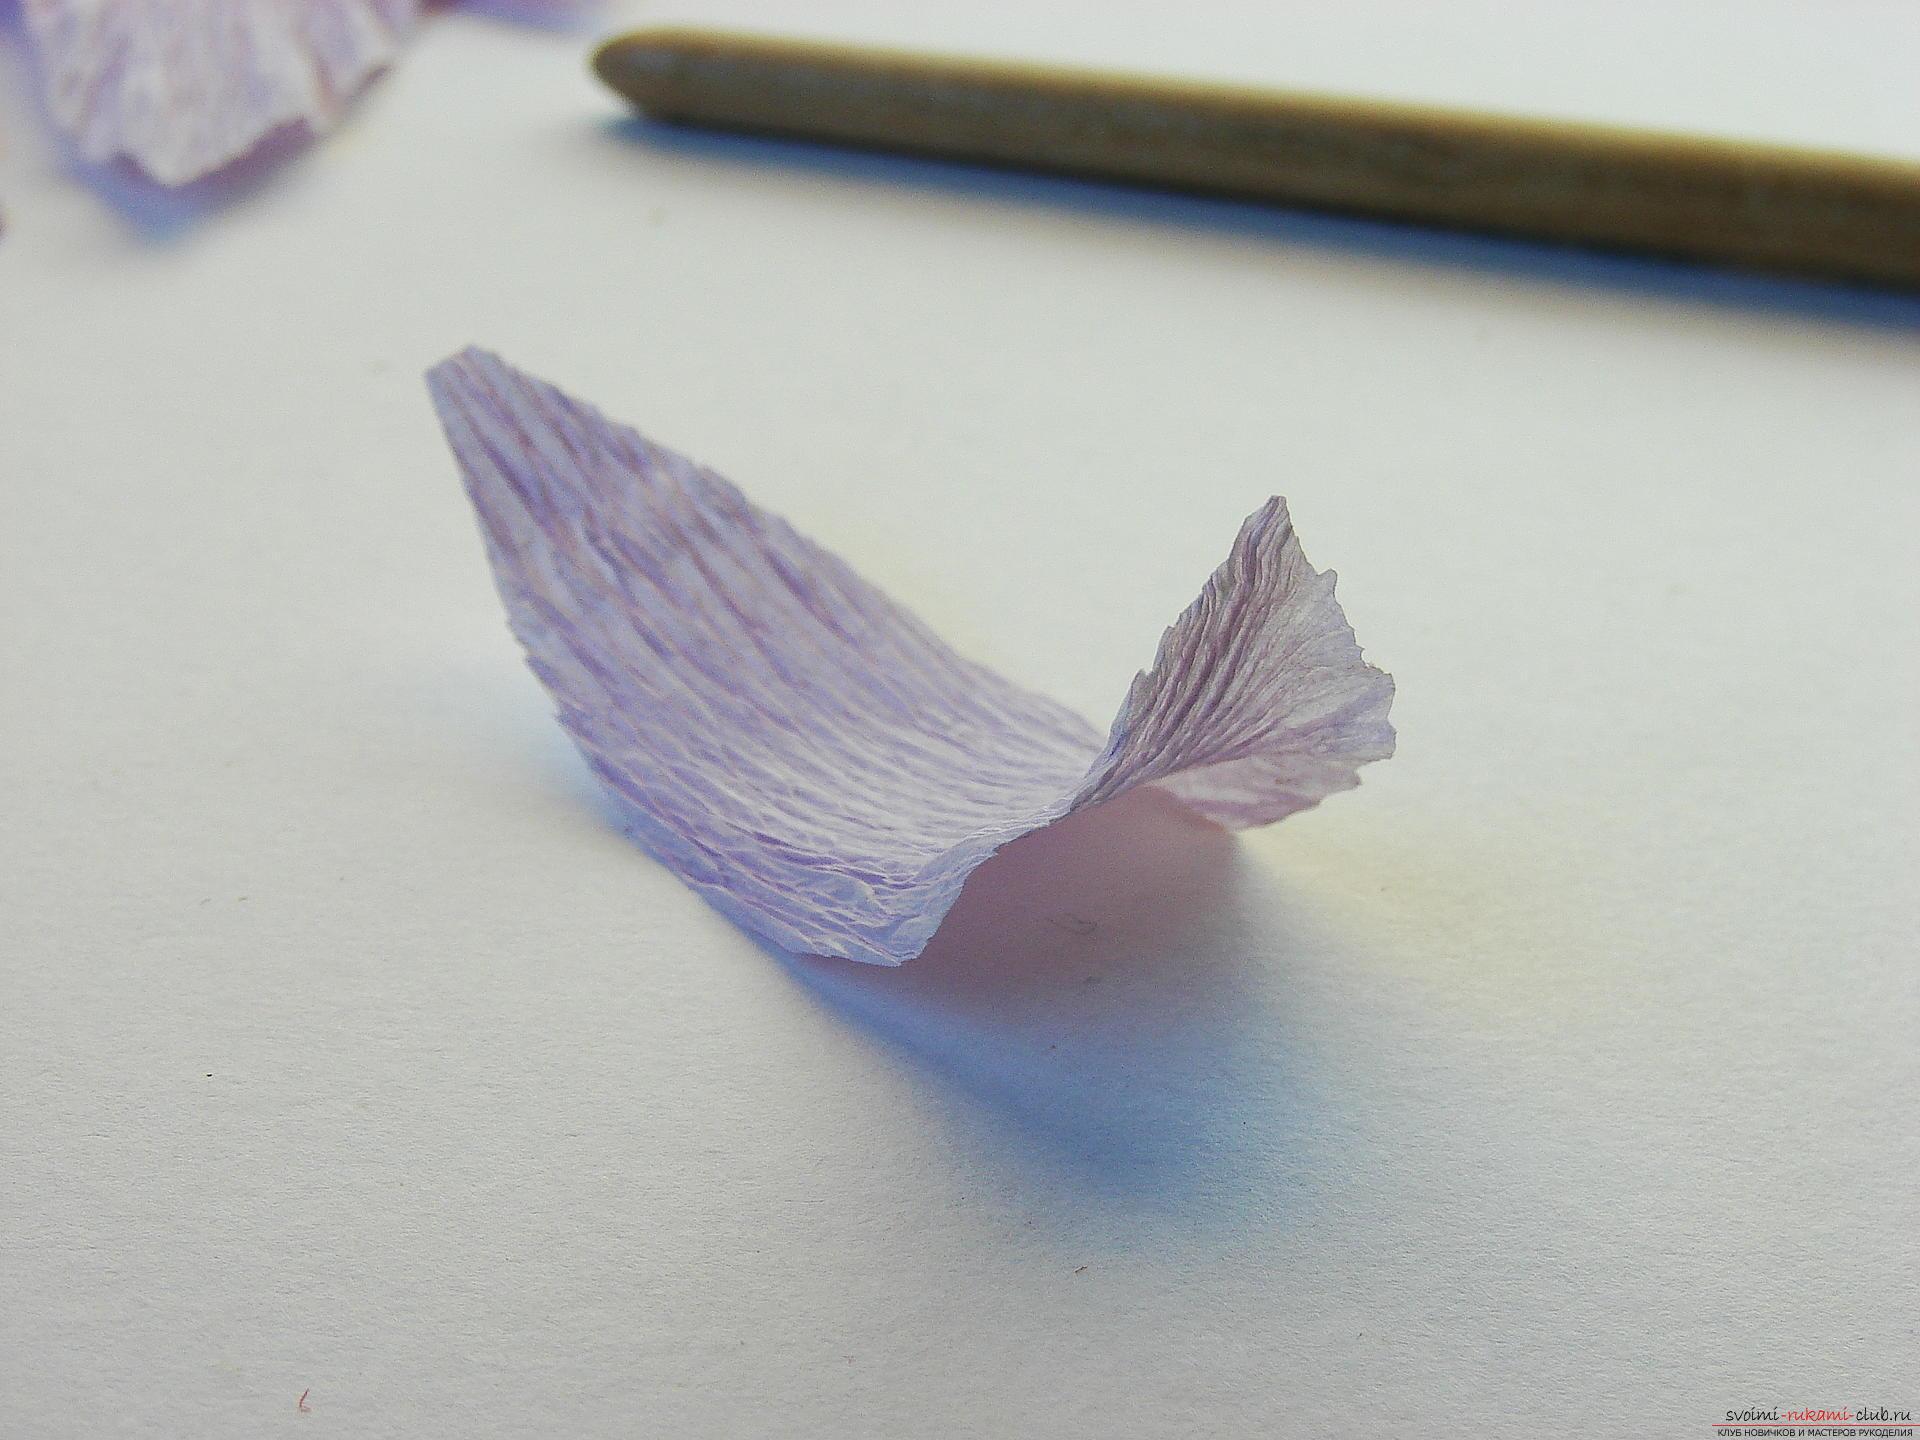 Мастер-класс научит как сделать гофрированные цветы своими руками – лилии из гофрированной бумаги.. Фото №7